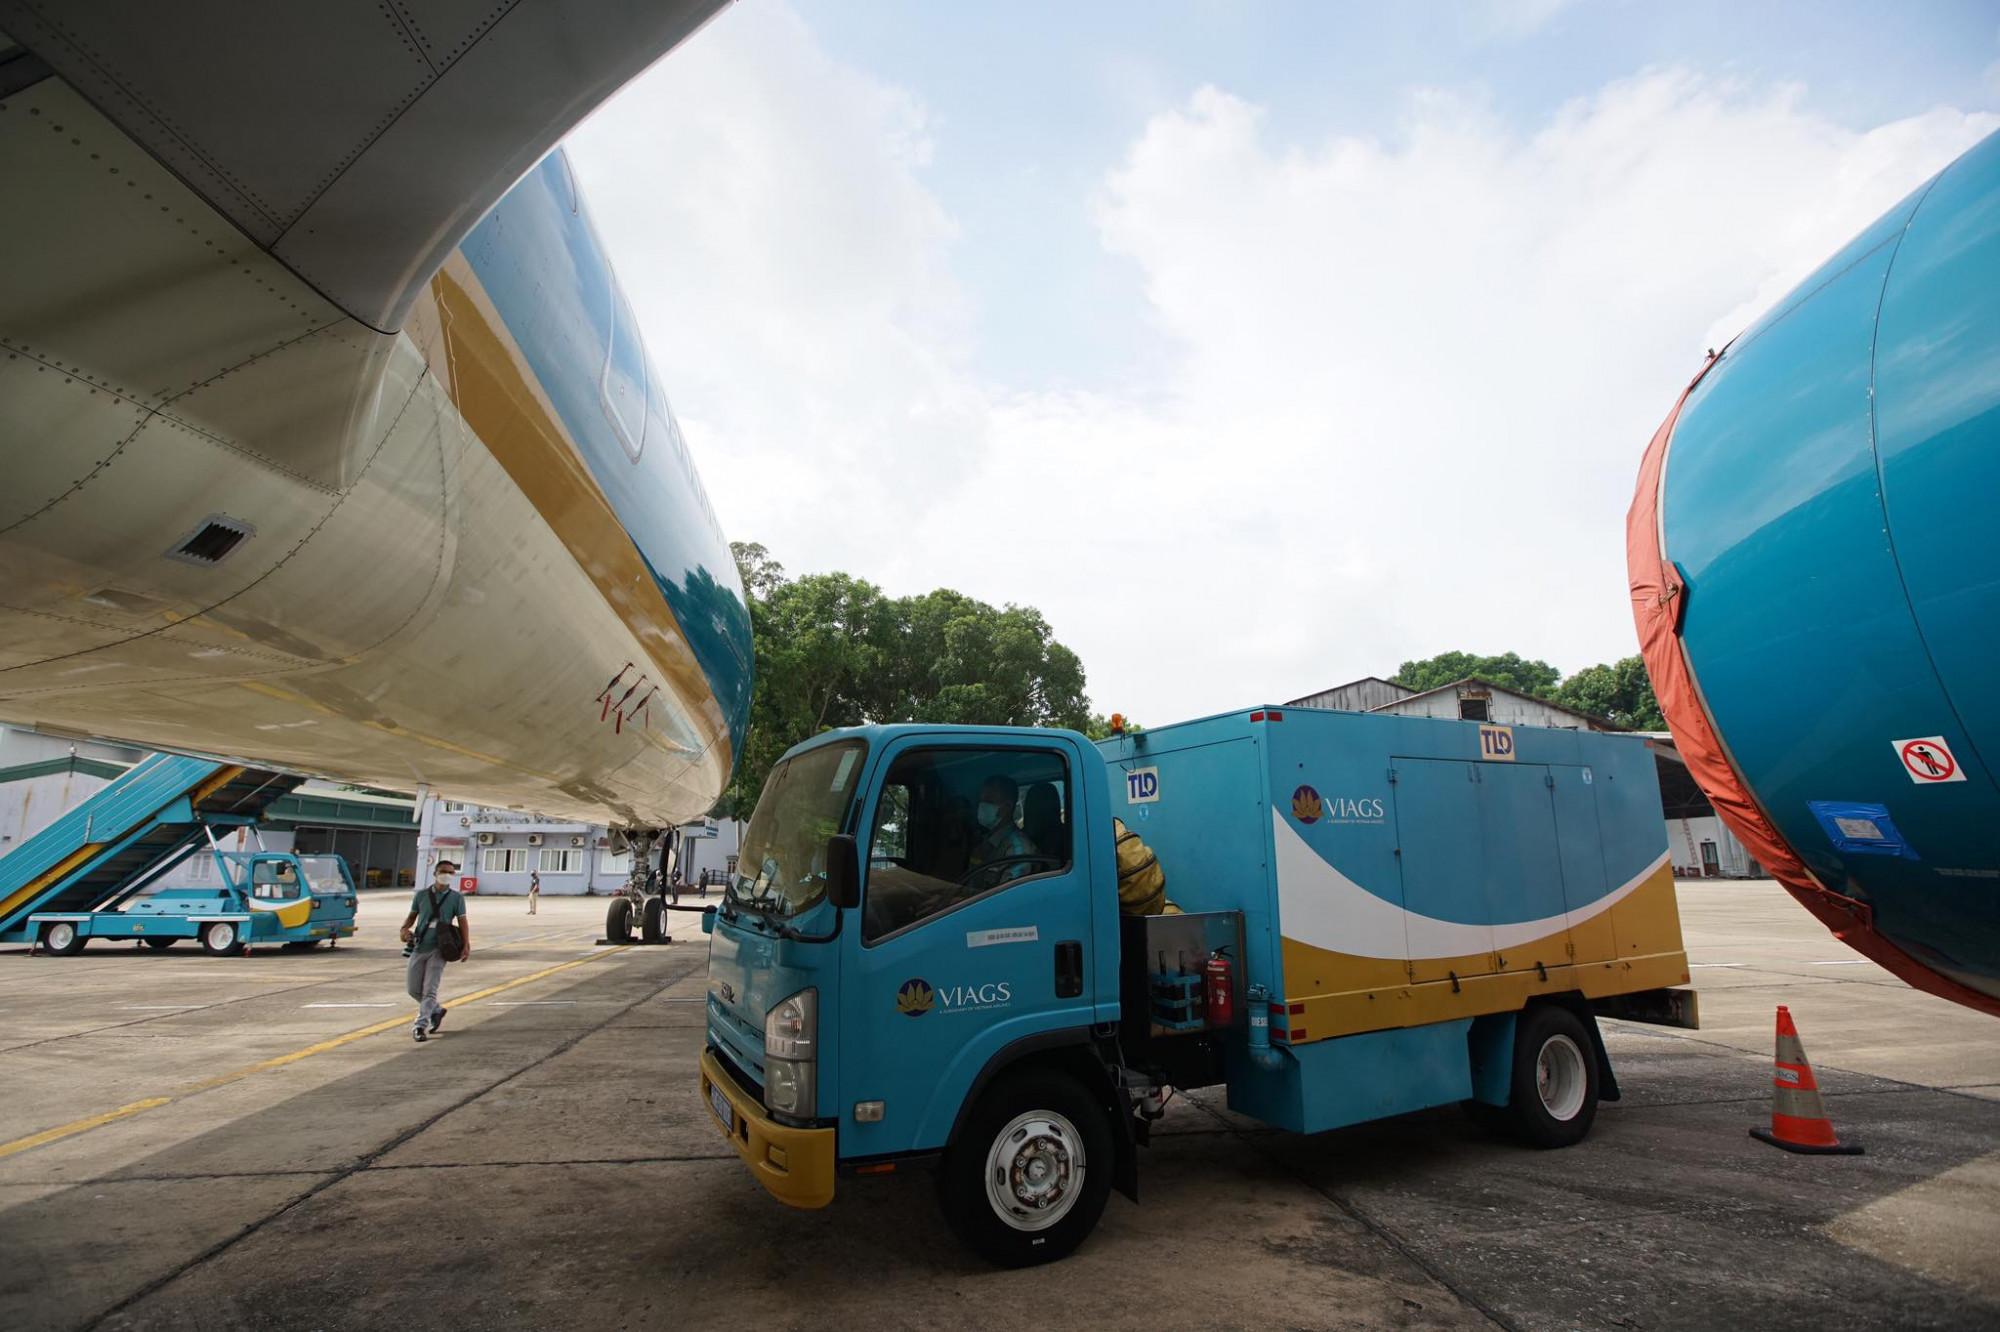 Để đảm bảo sẵn sàng khi nối chuyến nội địa, những ngày qua đội ngũ nhân viên kỹ thuật máy bay đã liên tục làm việc kiểm tra, bảo dưỡng hàng chục tàu bay.